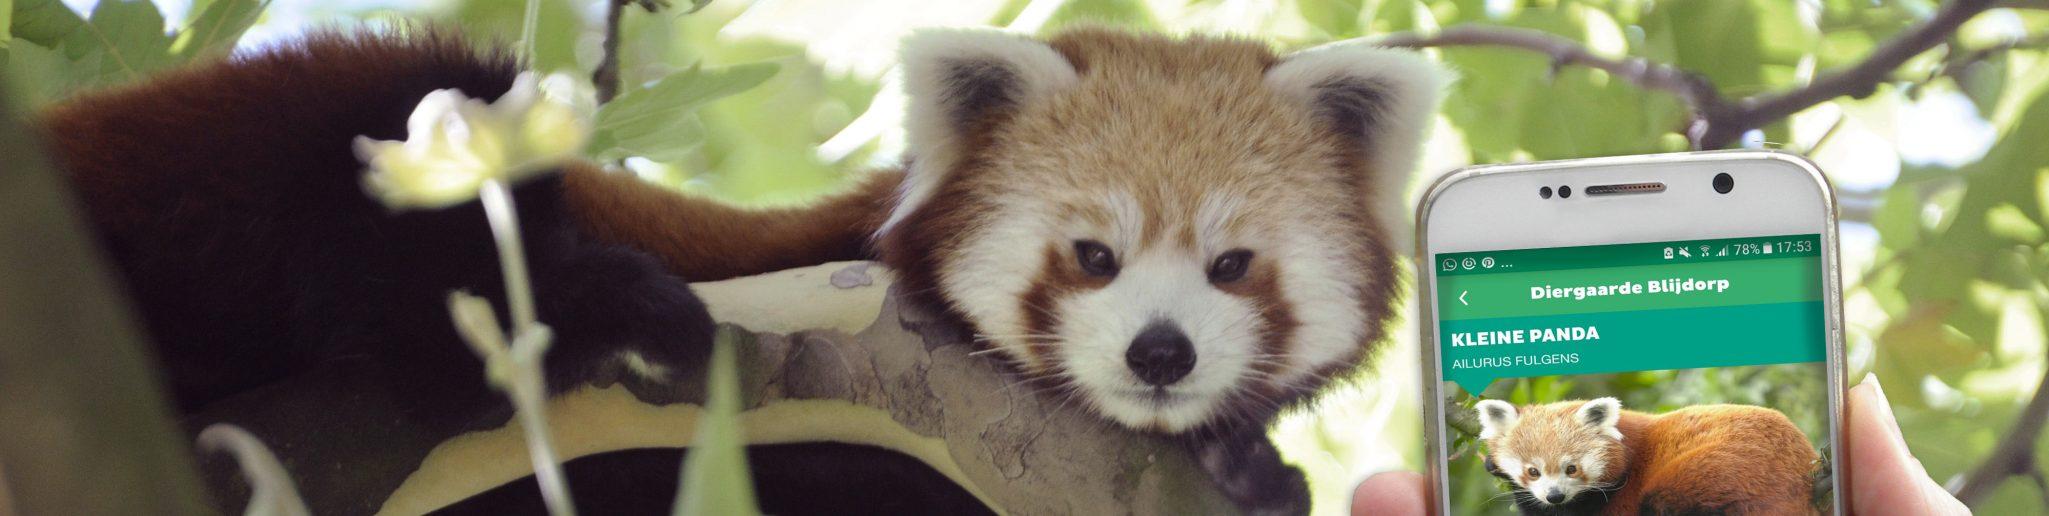 rode panda in een boom